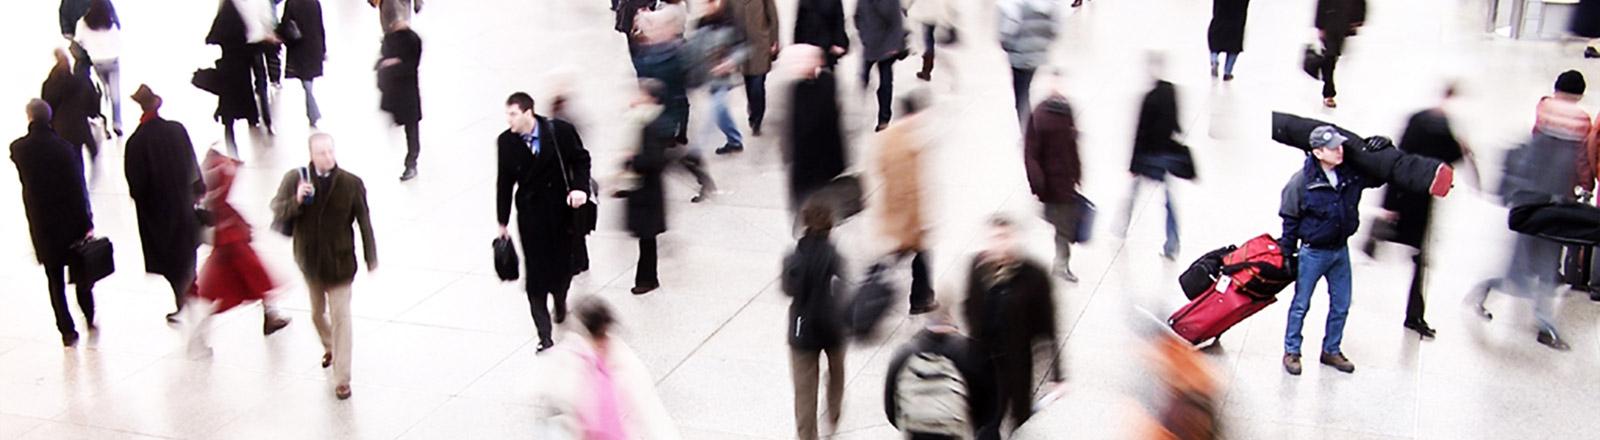 Menschen in Eile laufen umher